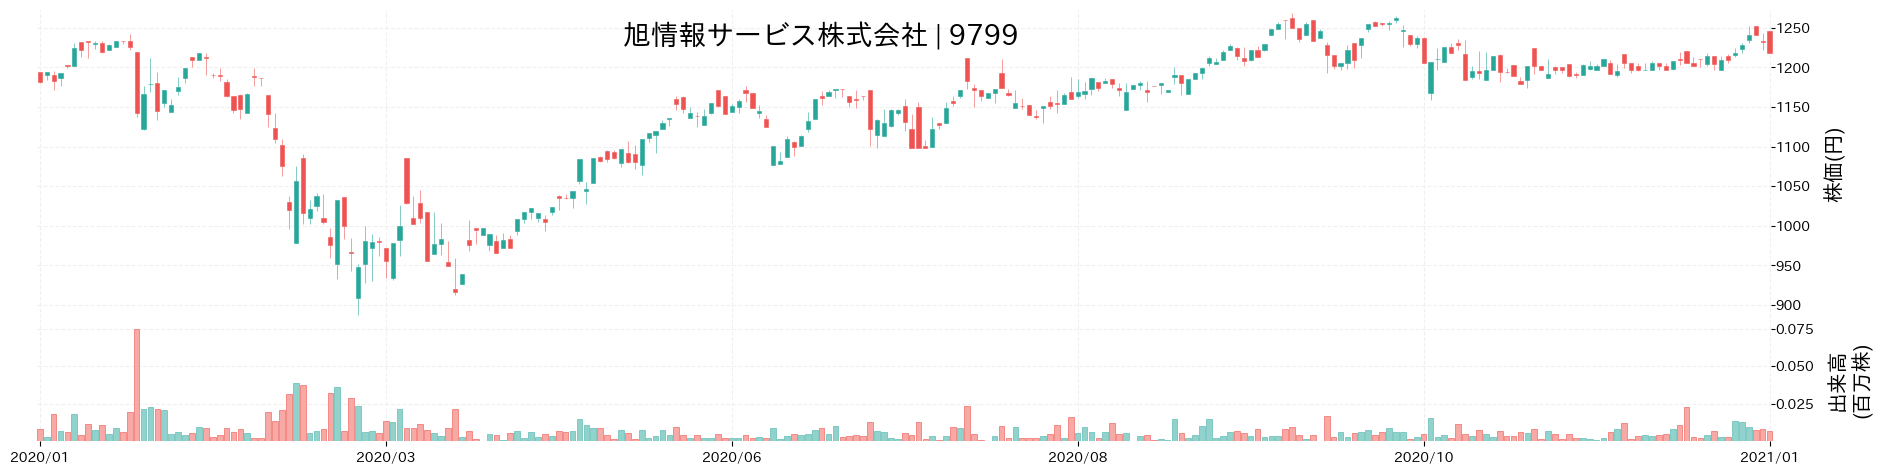 旭情報サービス株式会社の株価推移(2020)